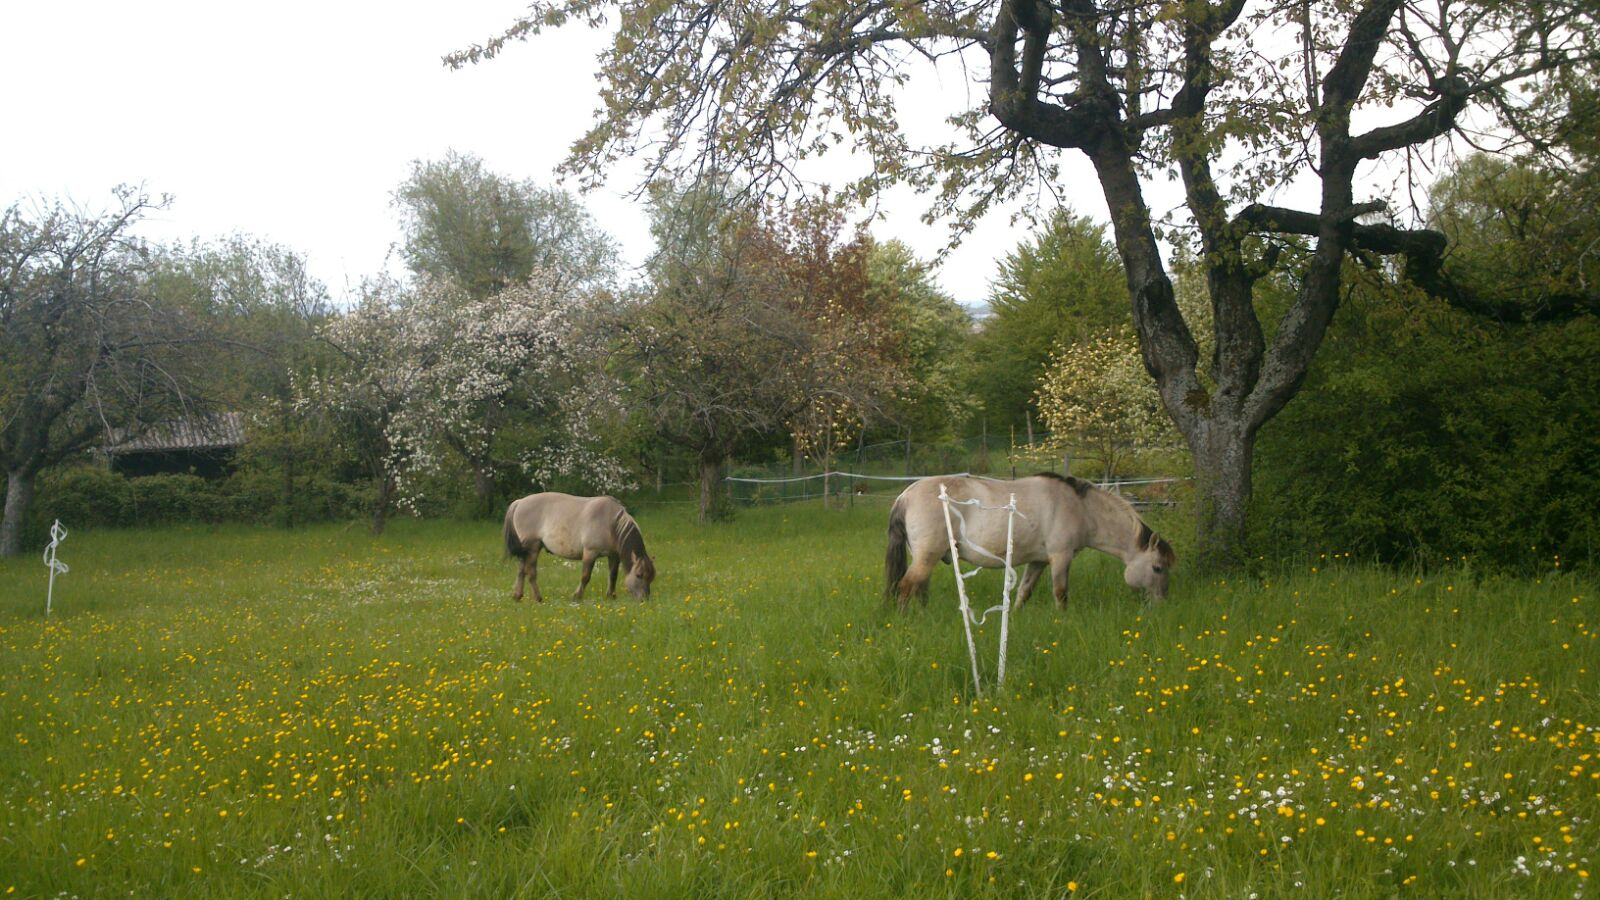 Vergiftungen von Pferden durch Gräsergifte – auch in Deutschland ein Thema